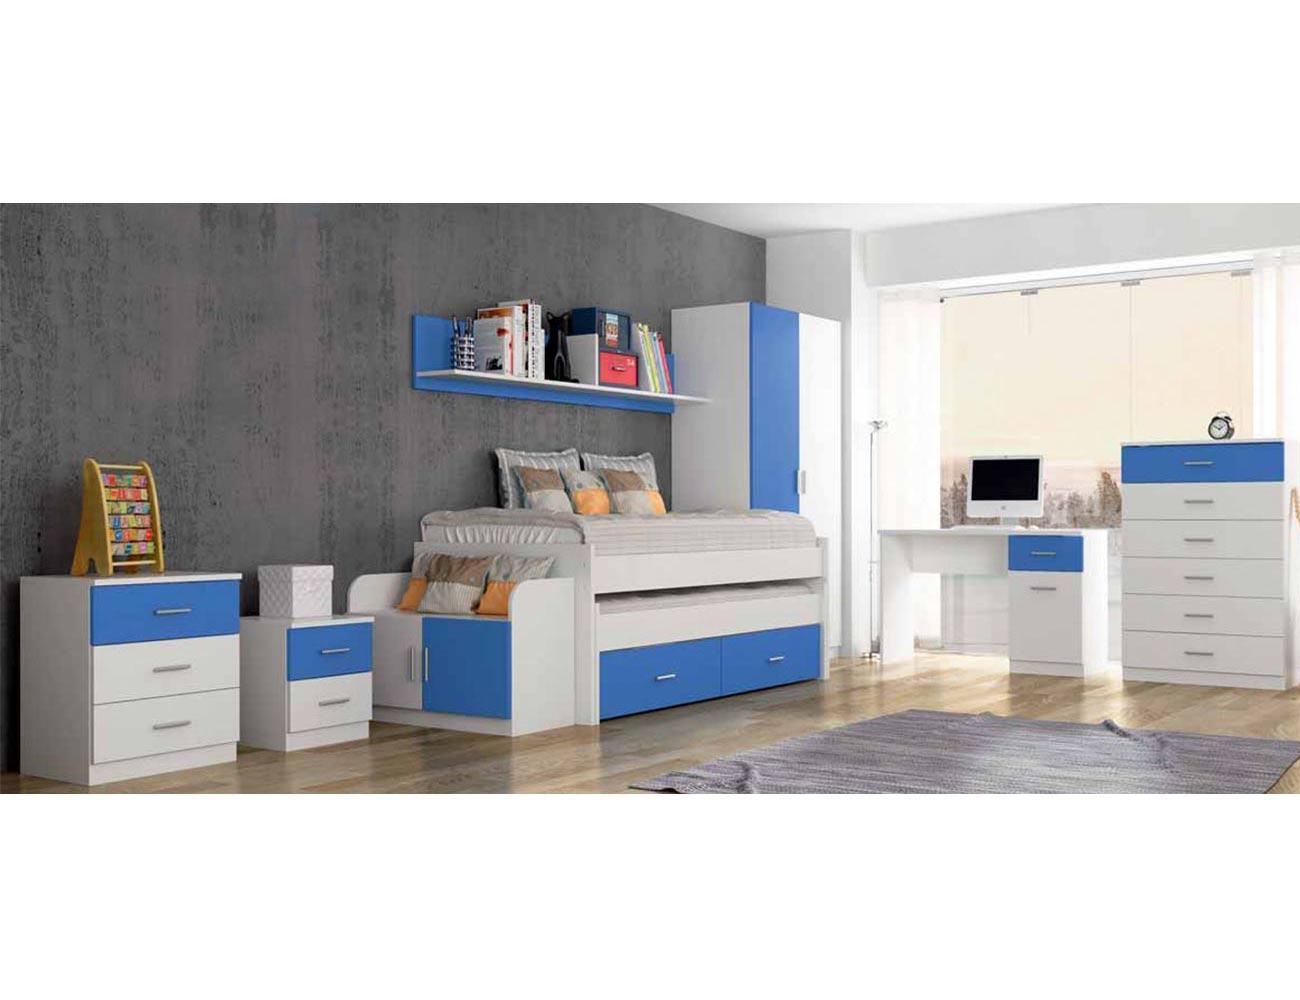 Dormitorio juvenil comodin mesita noche banqueta estanteria cama compacto nido mesa estudio sinfonier armario7